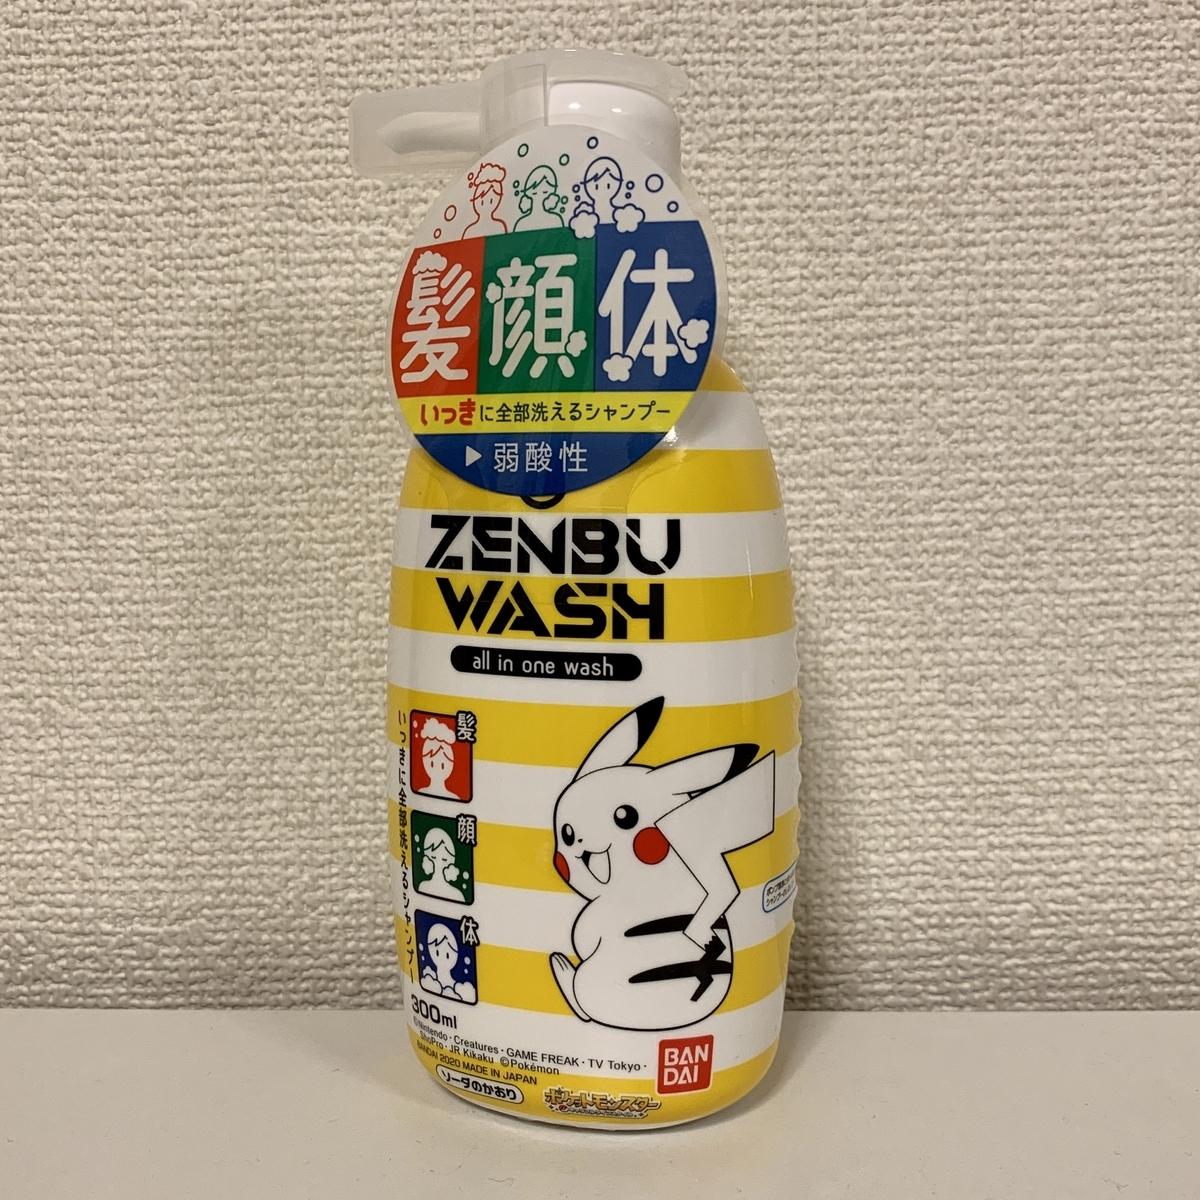 f:id:pikachu_pcn:20200315164126j:plain